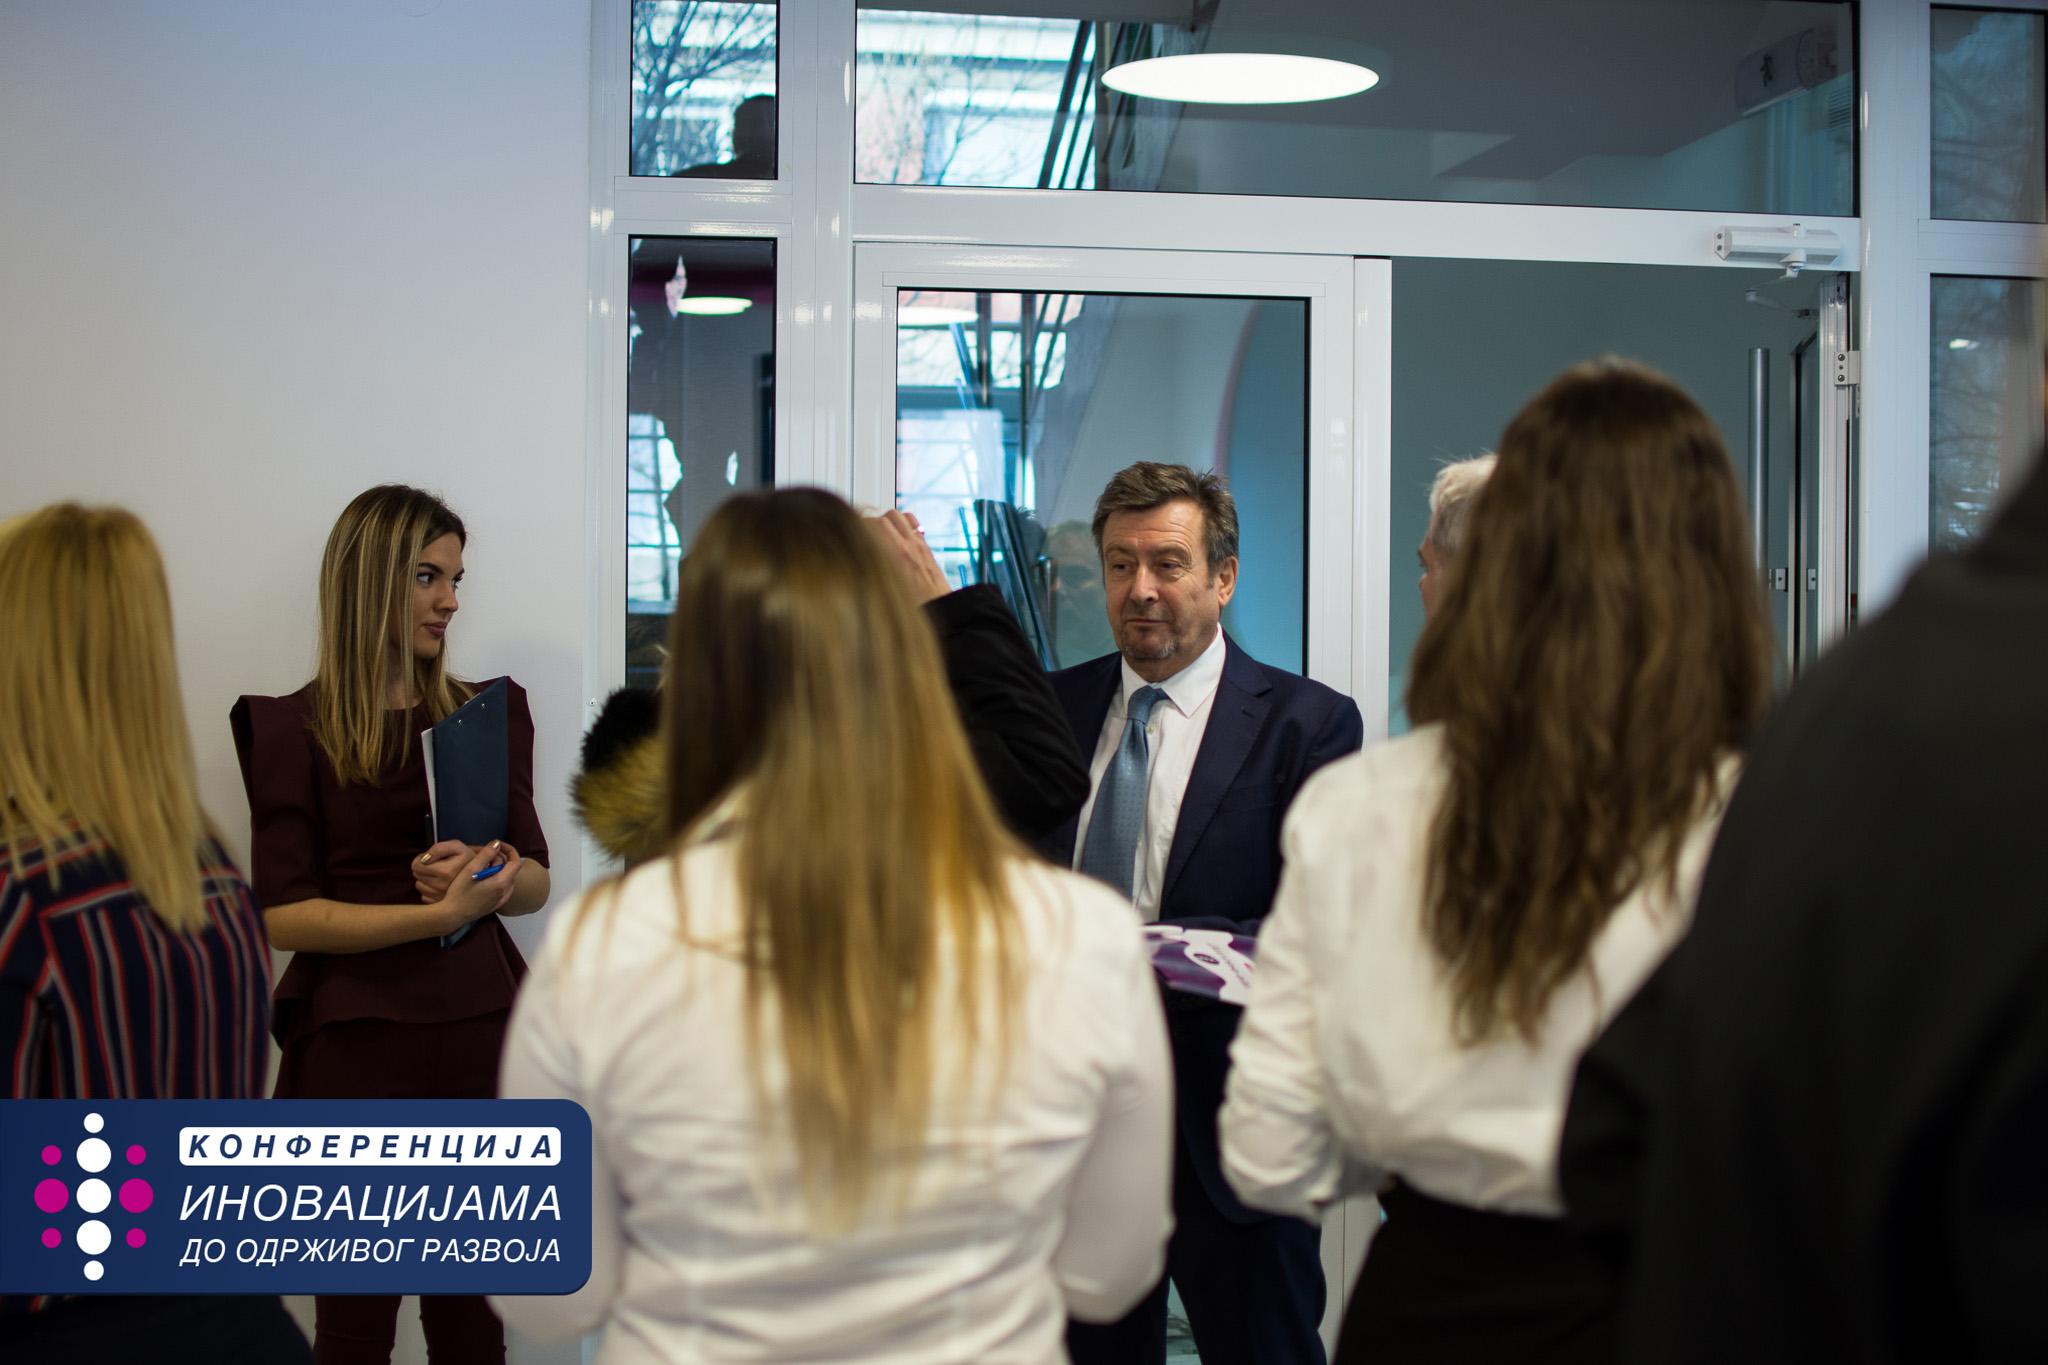 MEF Fakultet - izvestaj sa konferencije 5